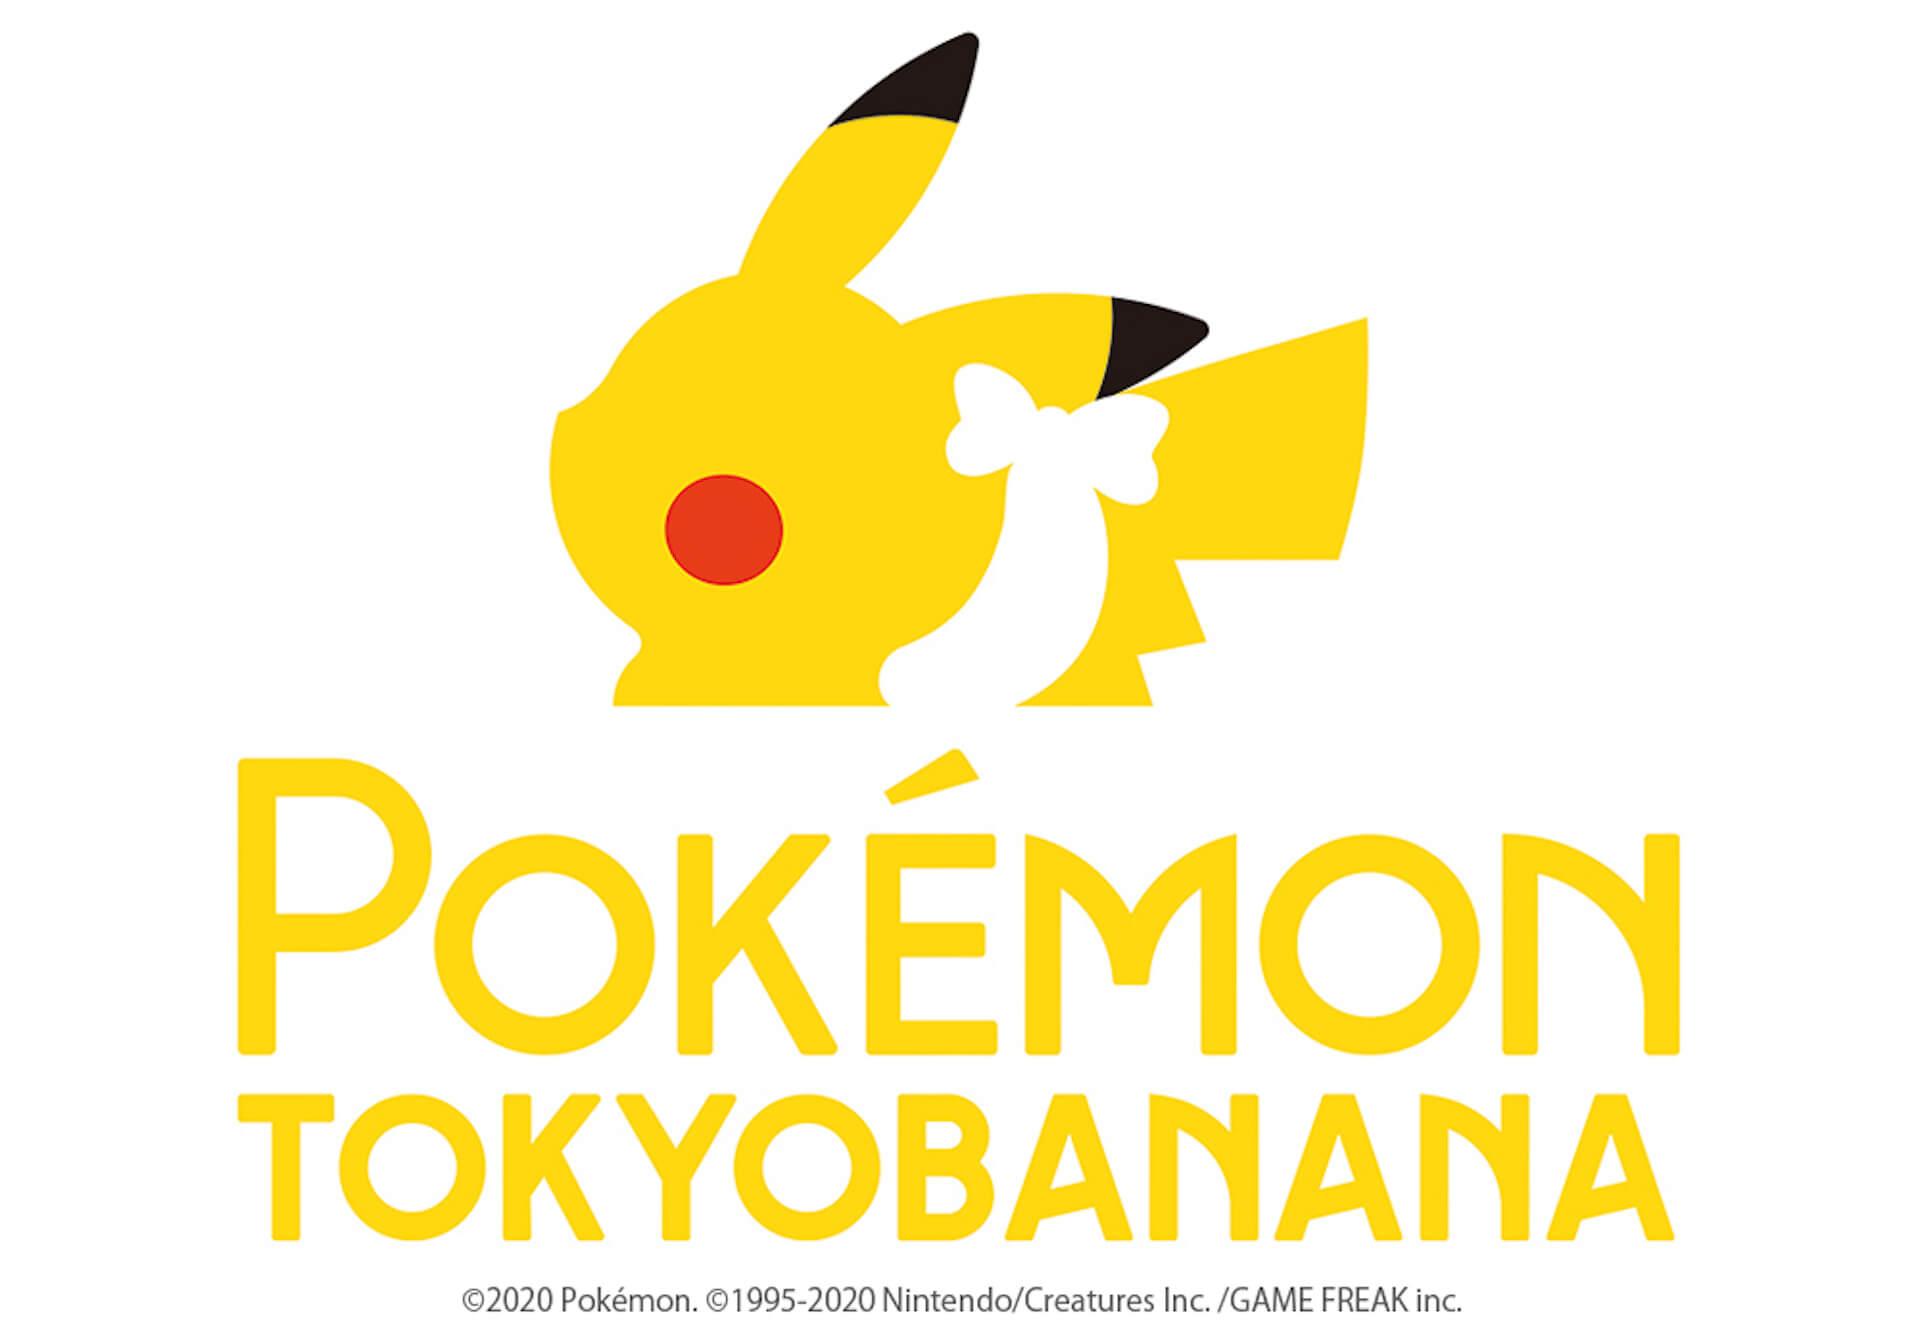 ピカチュウが東京ばな奈になっちゃった!?「ポケモン東京ばな奈」第1弾商品「ピカチュウ東京ばな奈」が北海道、東北などで数量限定先行発売 gourmet201124_tokyobanana_pokemon_14